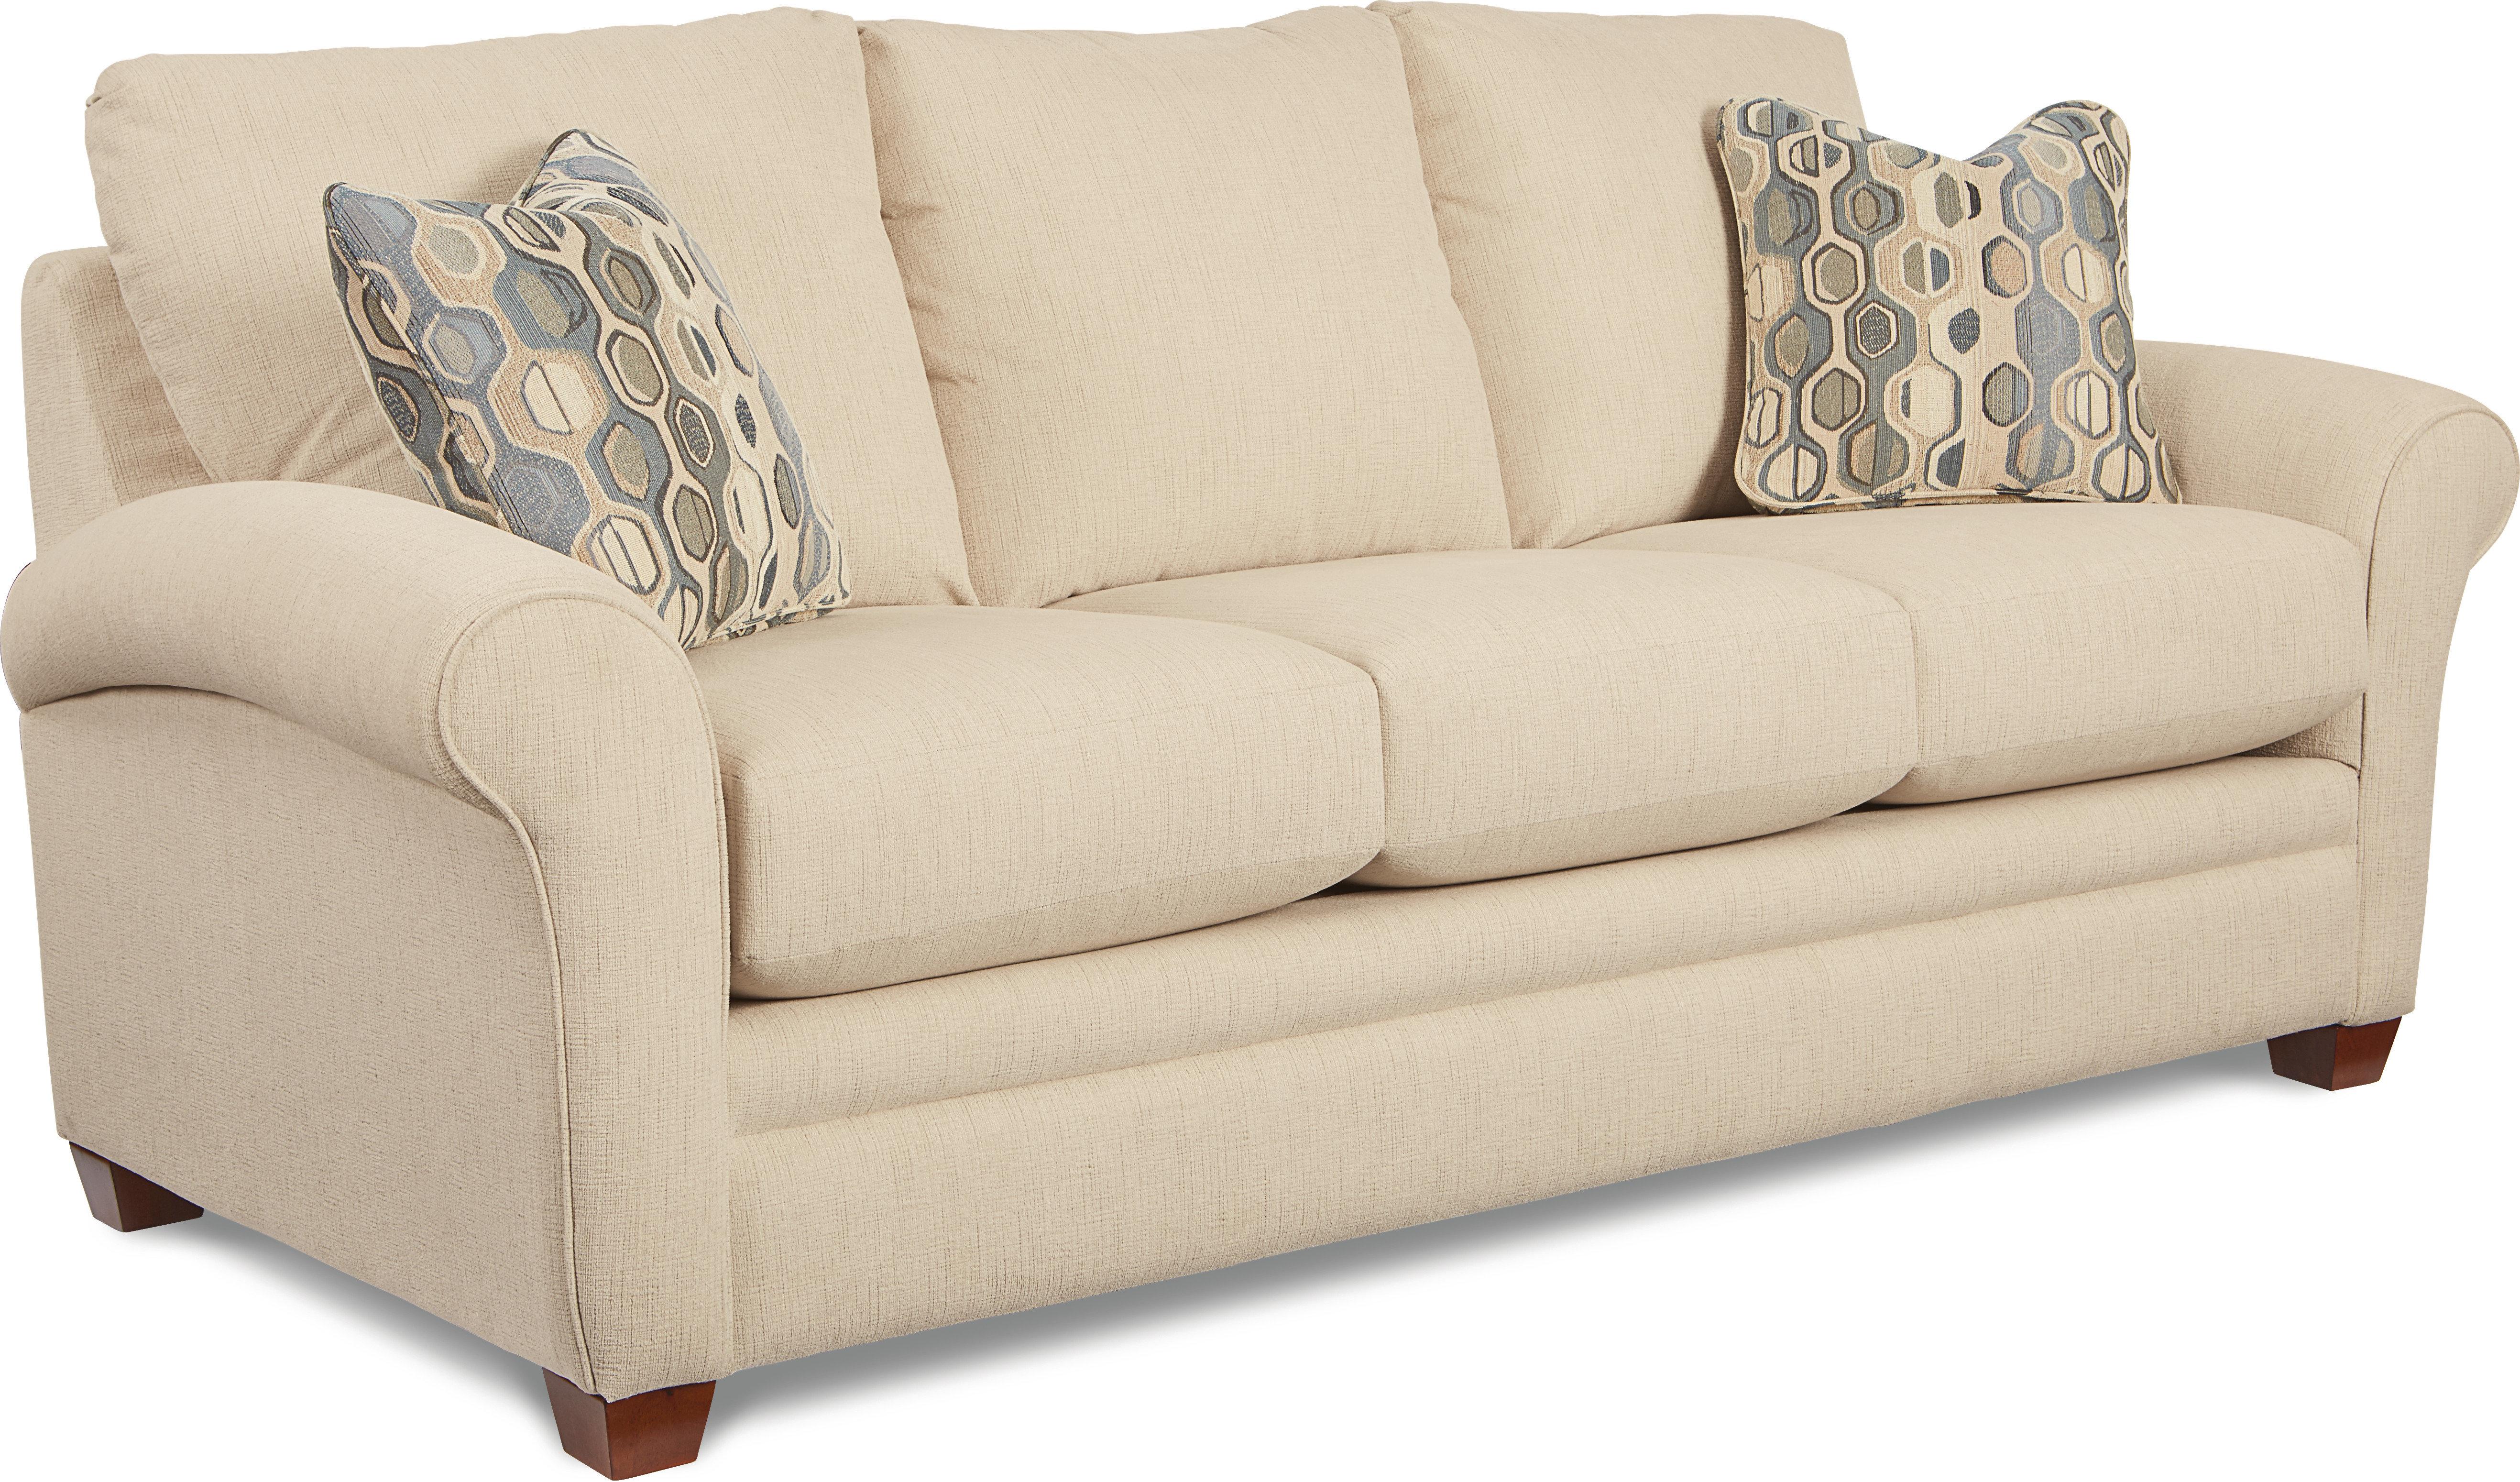 La Z Boy Natalie Sleep Sofa Bed